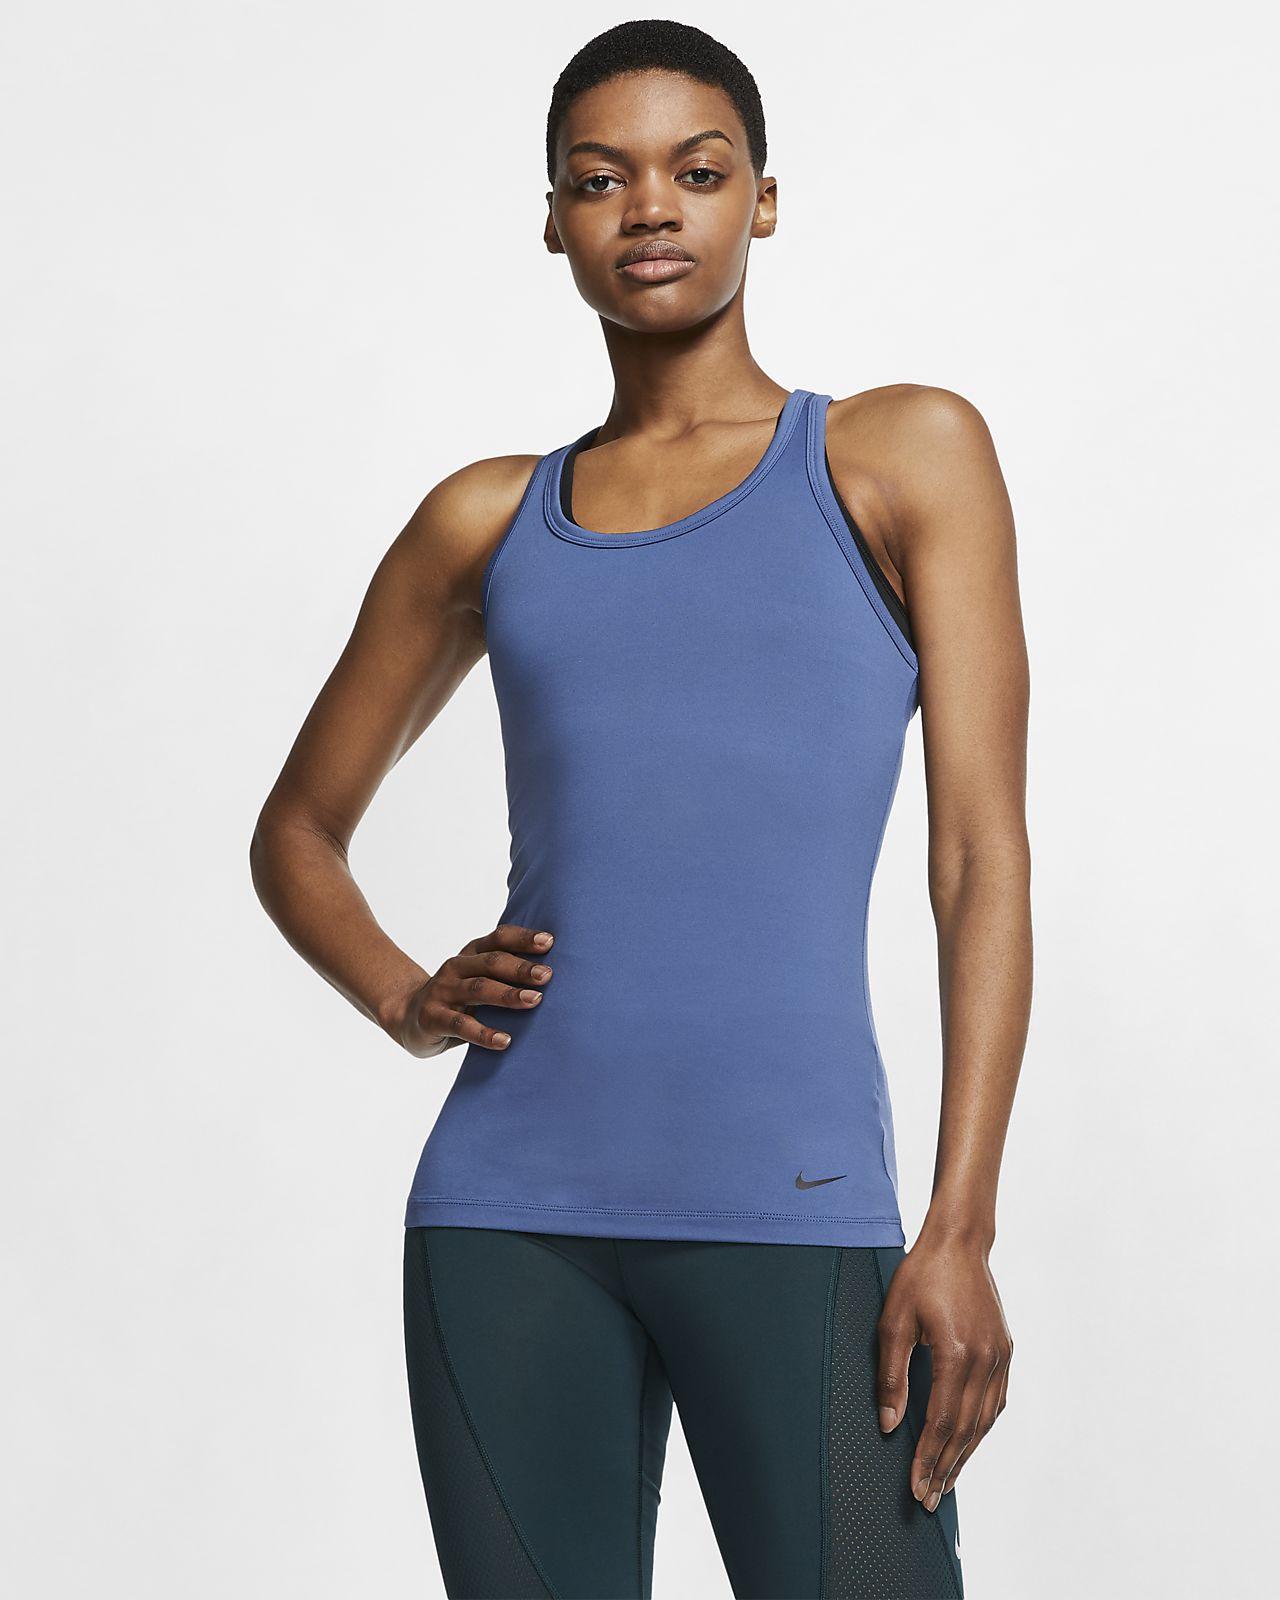 Nike Get Fit Yoga-Trainingstanktop für Damen